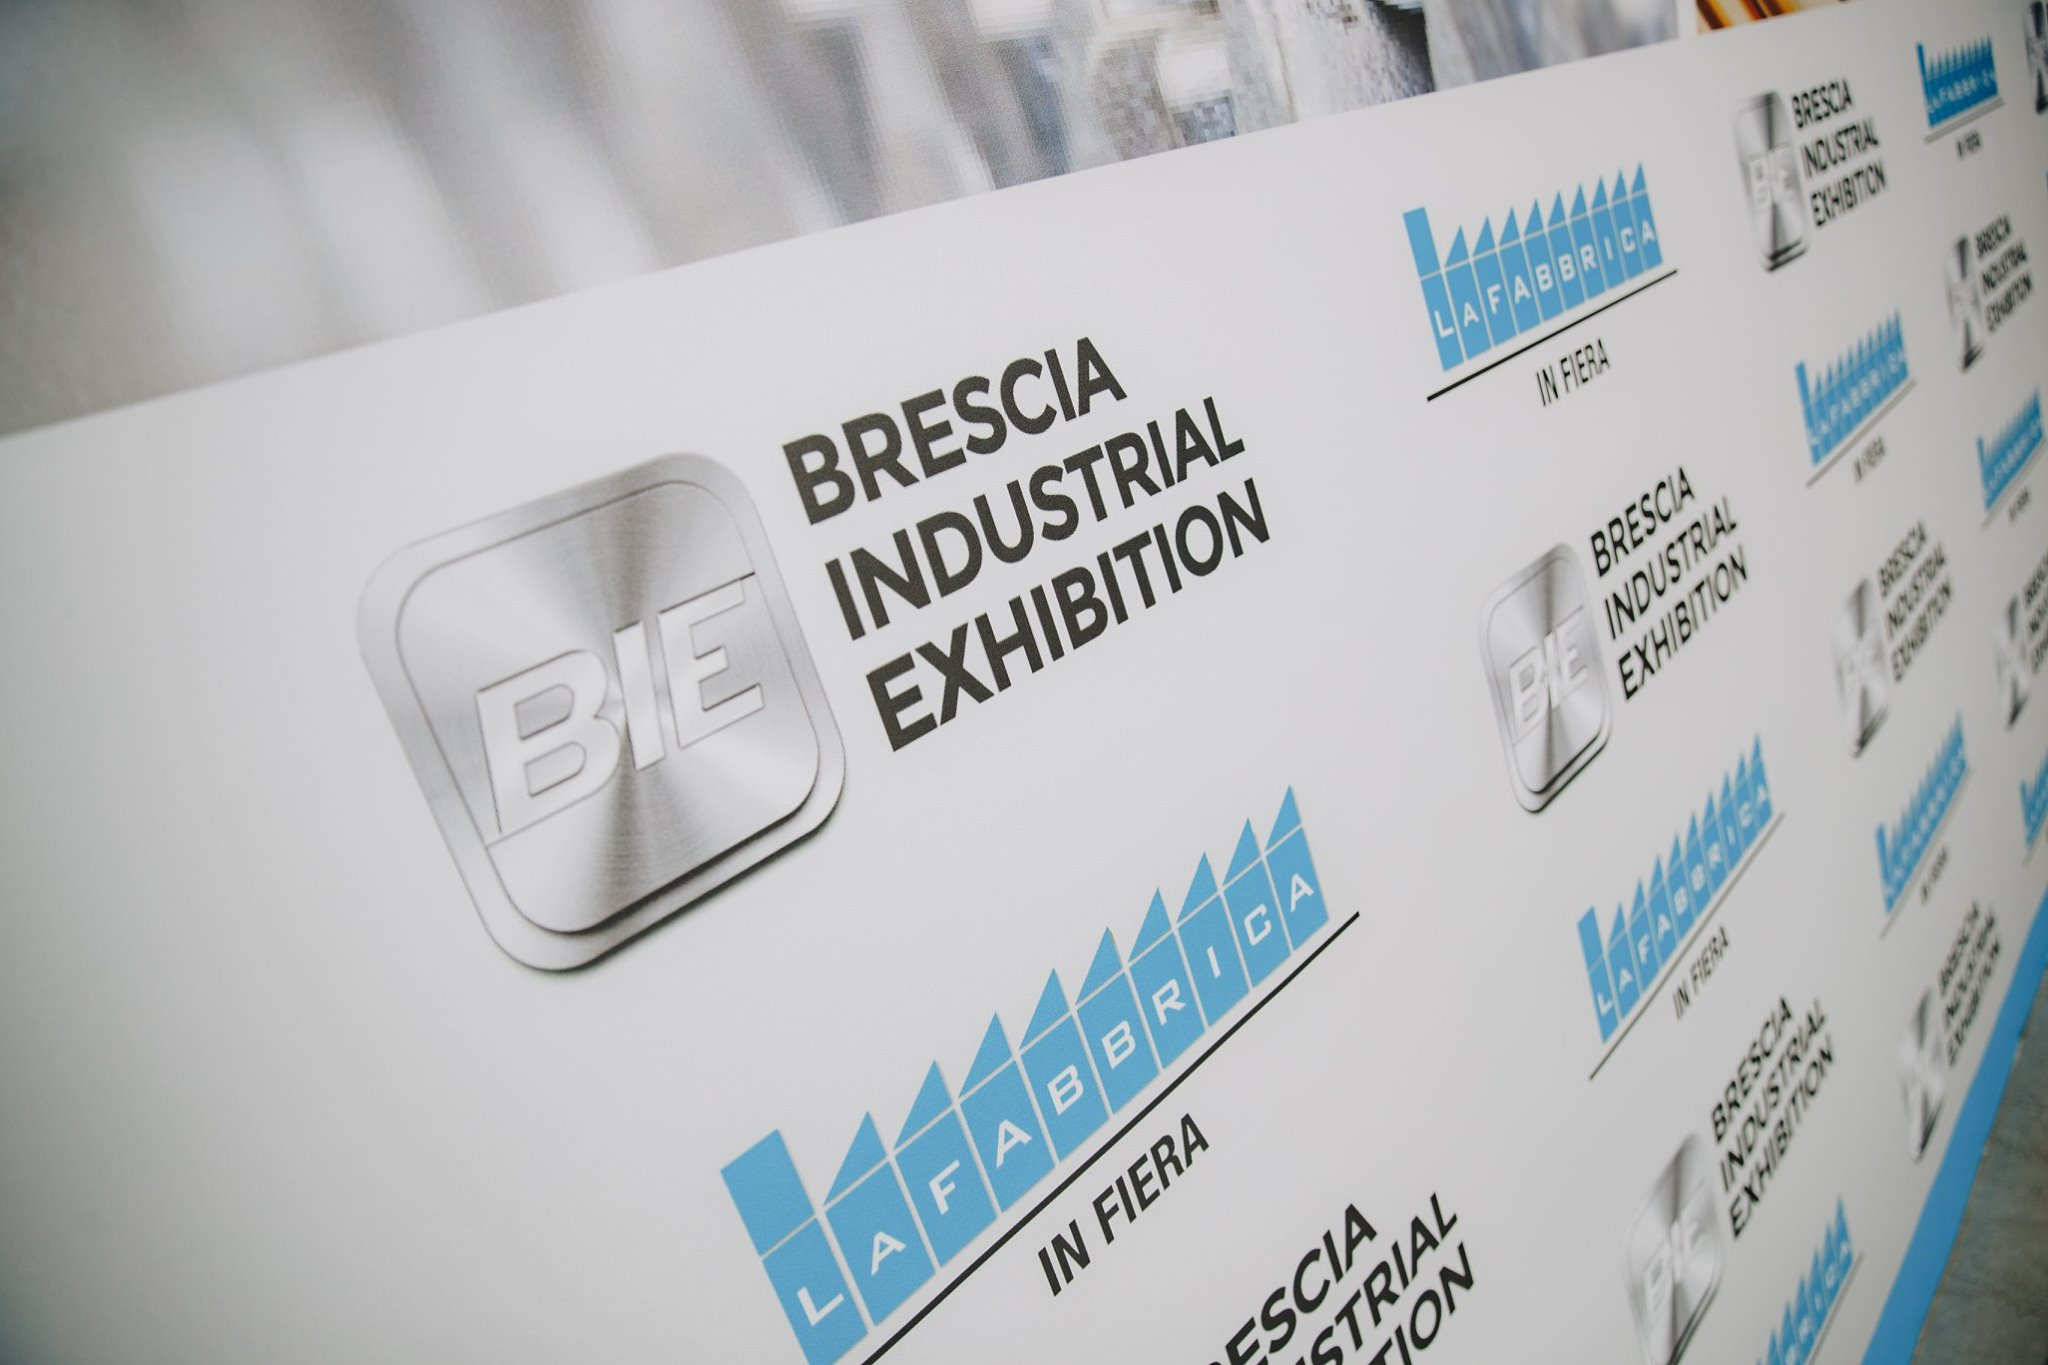 Brescia Industrial Exhibition: Electro IB c'è.